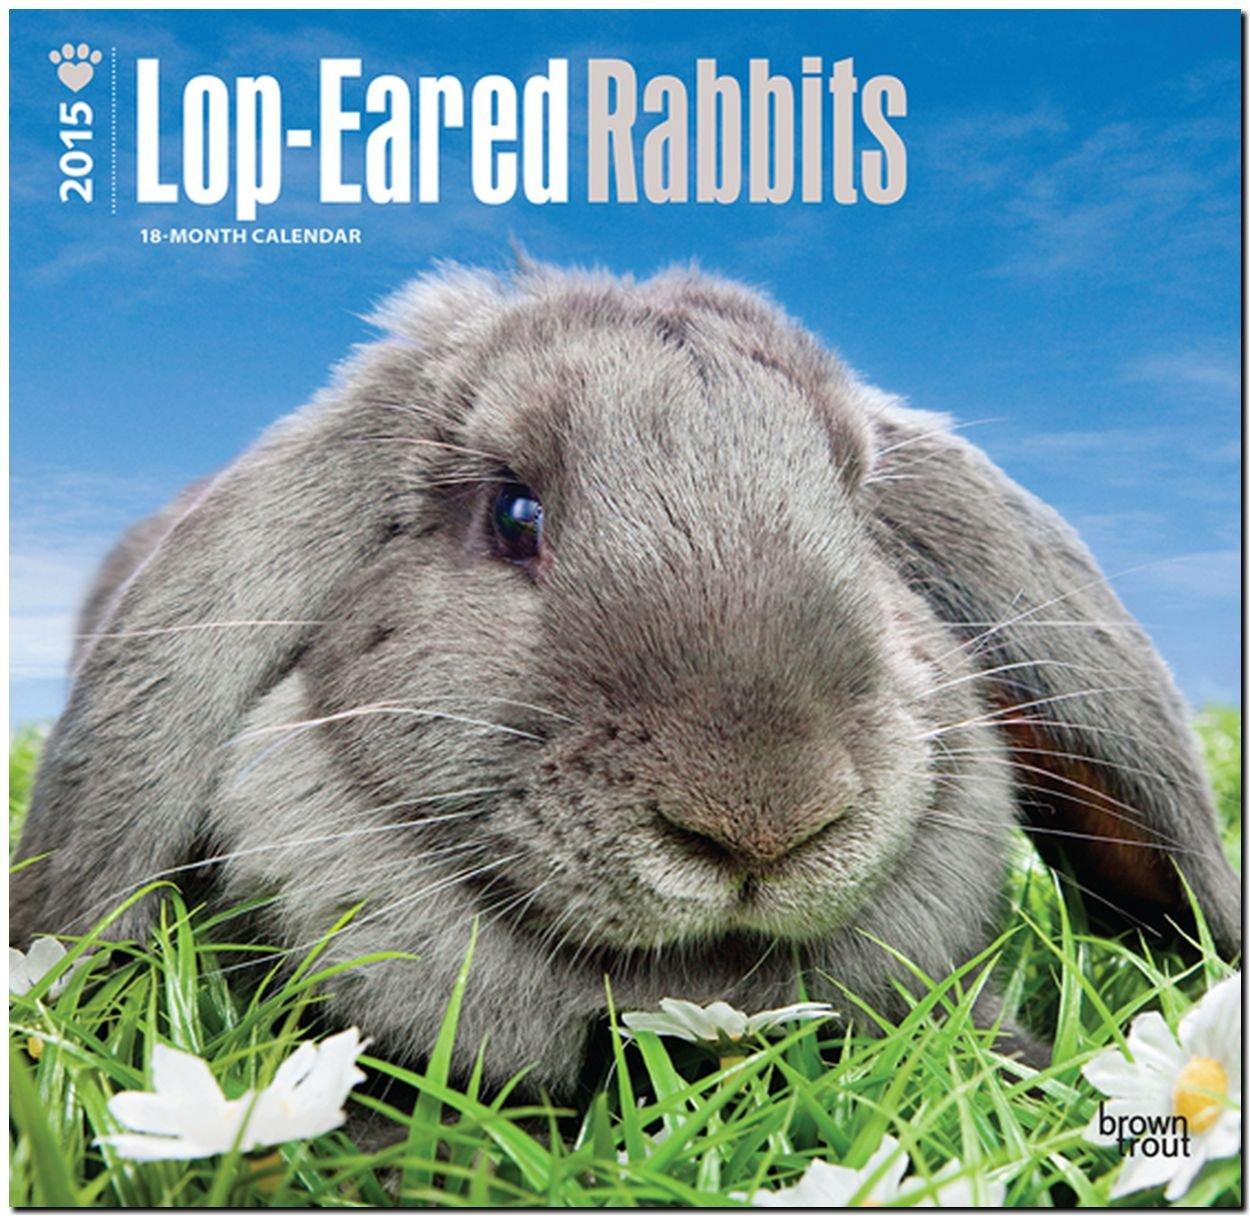 Lop-eared Rabbits 2015 - Kaninchen mit Hängeohren - Widderkaninchen